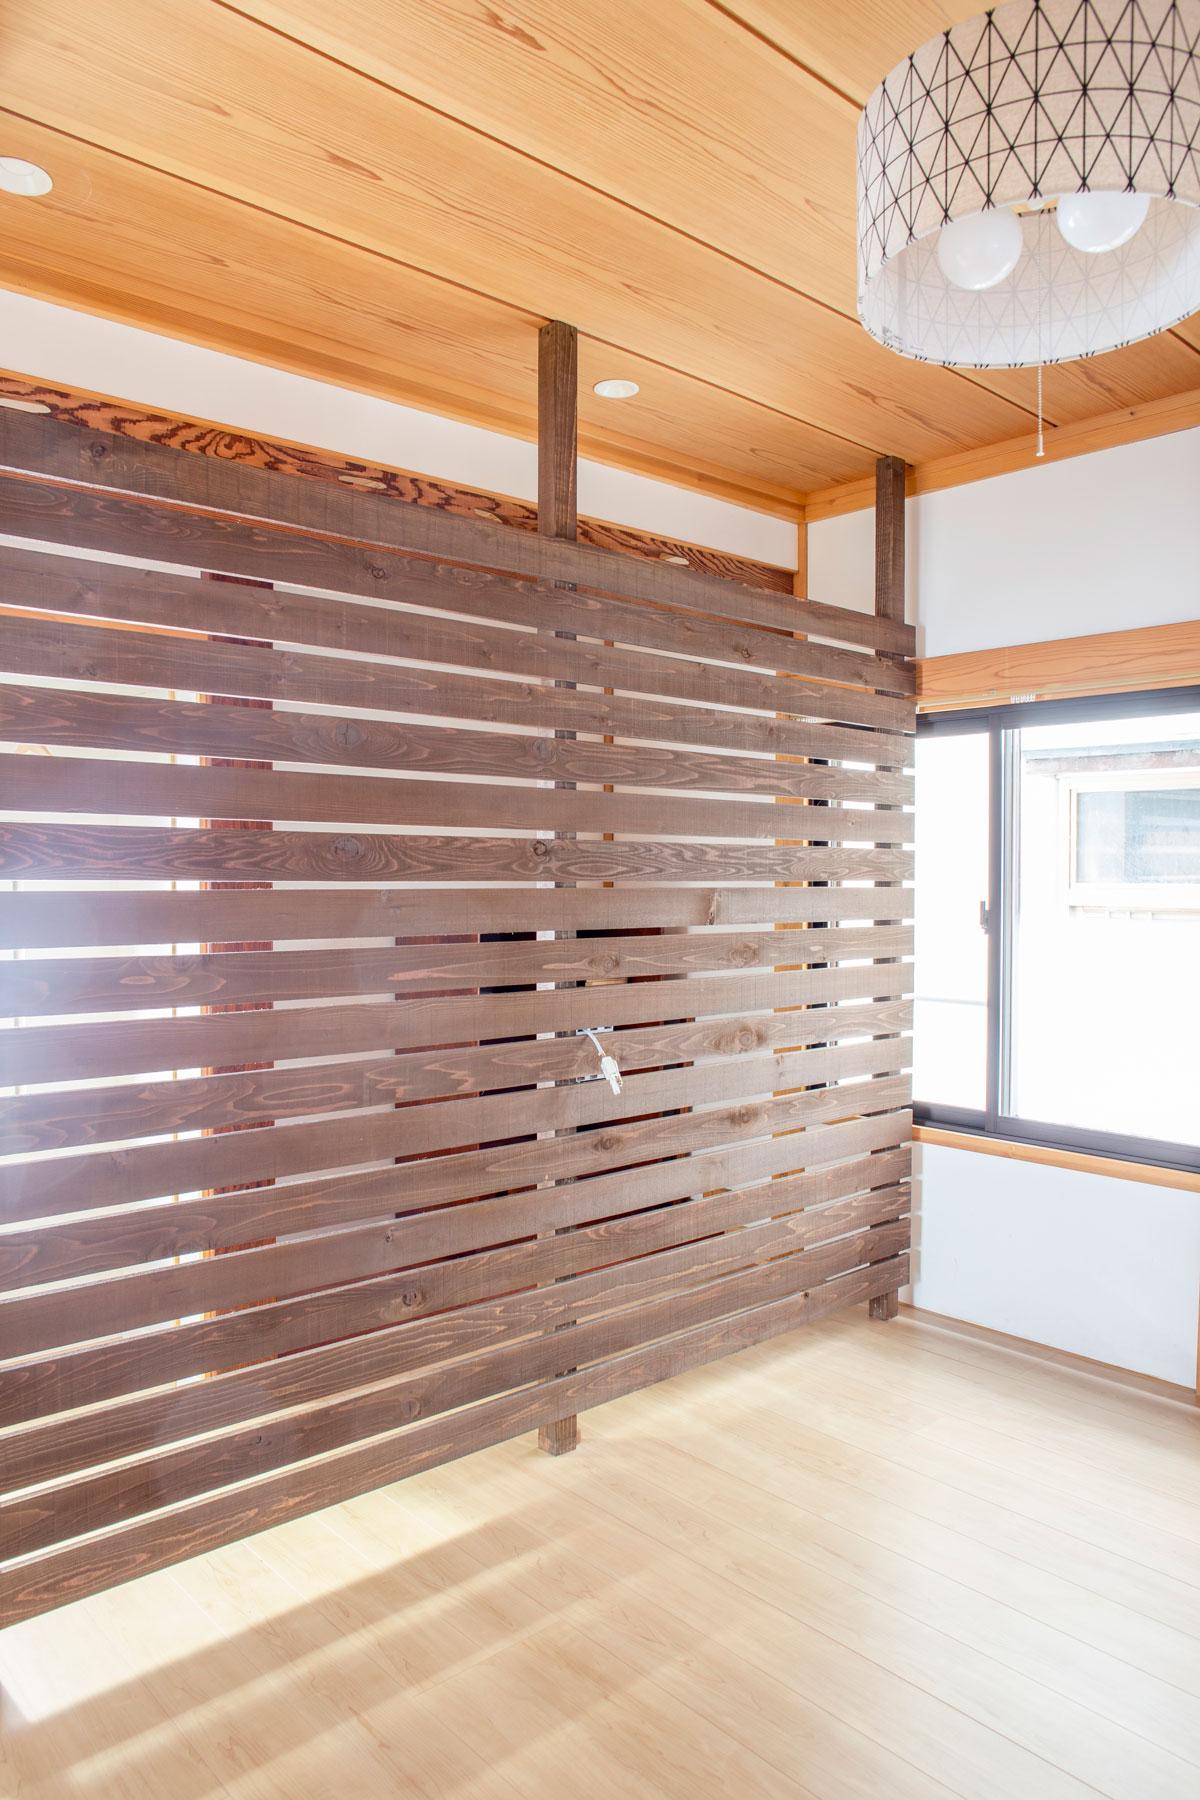 寝室。大好きなネコと暮らす、キャットウォークや専用ドアを設けたノベーションのお家。ウッドデッキやDIYのペイント、収納やディスプレイに活躍するパンチングボードも活用しています。(遊佐町)【酒田鶴岡で新築、デザイン住宅、リノベーションの工務店 ナチュラル工房伊藤住宅】